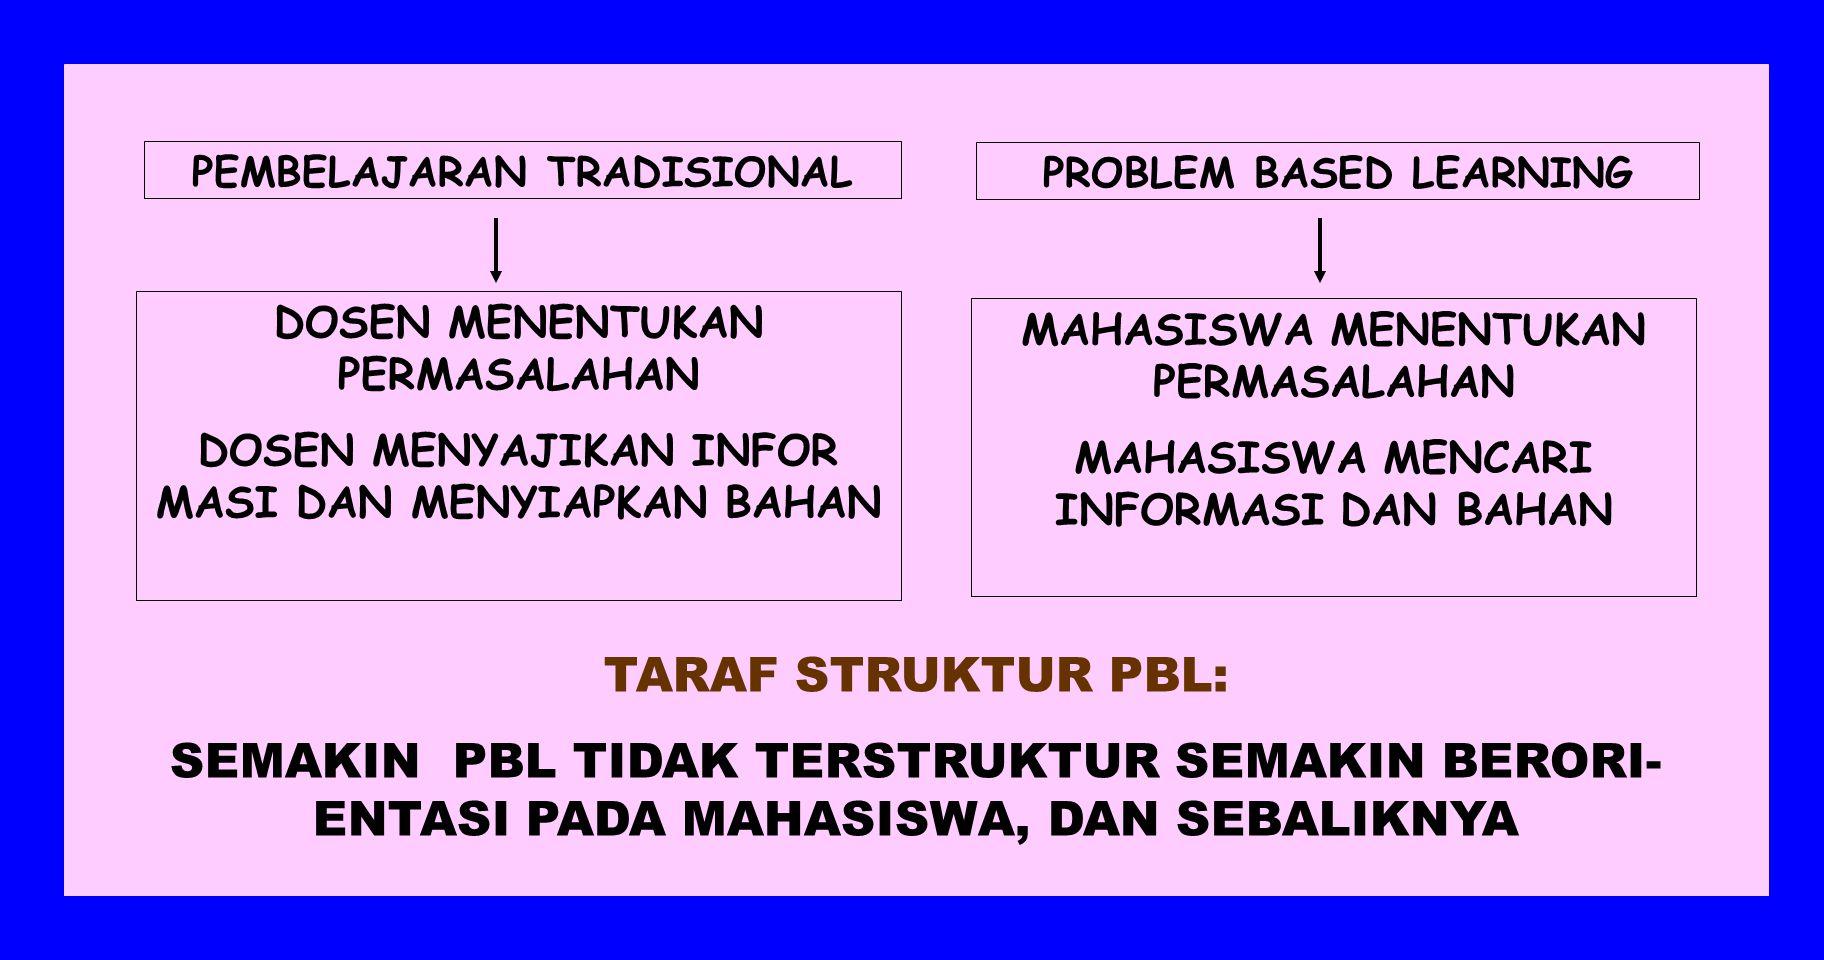 PROBLEM BASED LEARNING BERFOKUS DAN BERDASARKAN PADA PENYAJIAN PERMASALAHAN MAHASISWA MELAKUKAN PENELITIAN BERDASARKAN TEORI, KONSEP, PRINSIP DARI BERBAGAI ILMU, DENGAN PROSES MENGIDENTIFIKASI PERMASALAHAN, MENGUMPULKAN DATA, DAN MELAKUKAN ANALISIS, LALU MENARIK SIMPULAN PERMASALAHAN SEBAGAI PEMANDU KESATUAN DAN ALAT EVALUASI SEBAGAI CONTOH SARANA YANG MEMFASILITASI PROSES STIMULUS DALAM AKTIVITAS BELAJAR